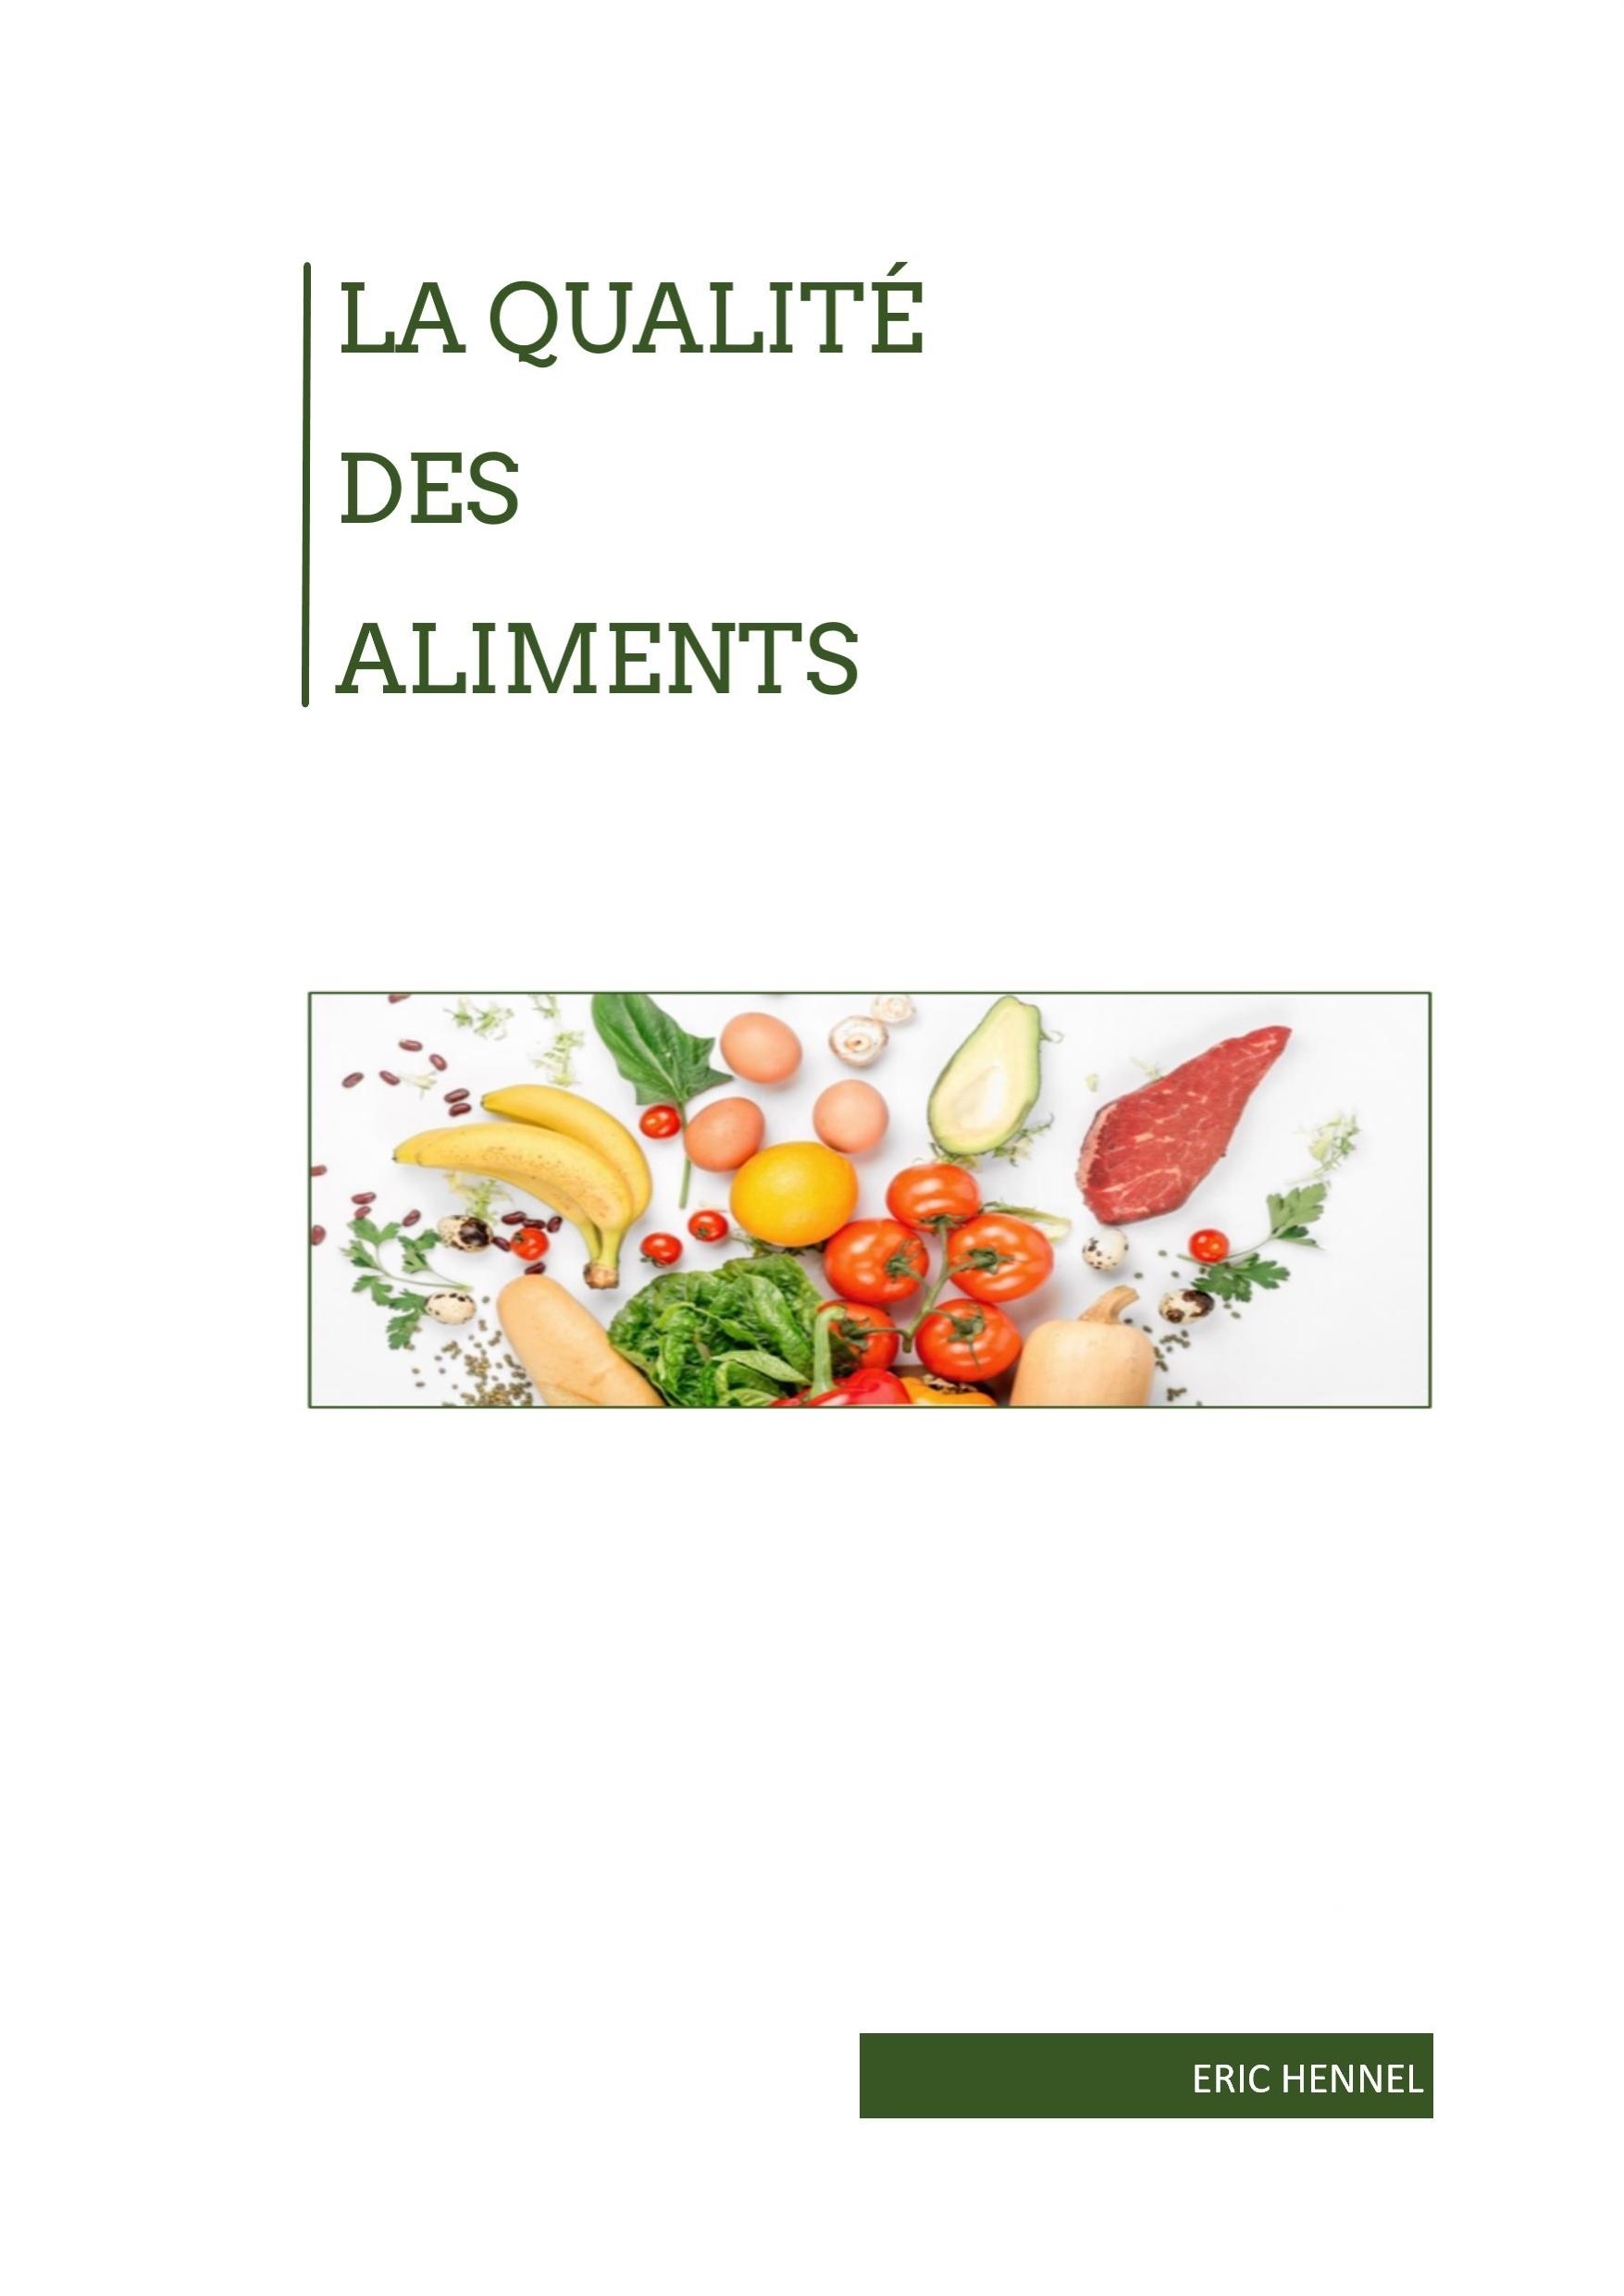 La Qualité des Aliments